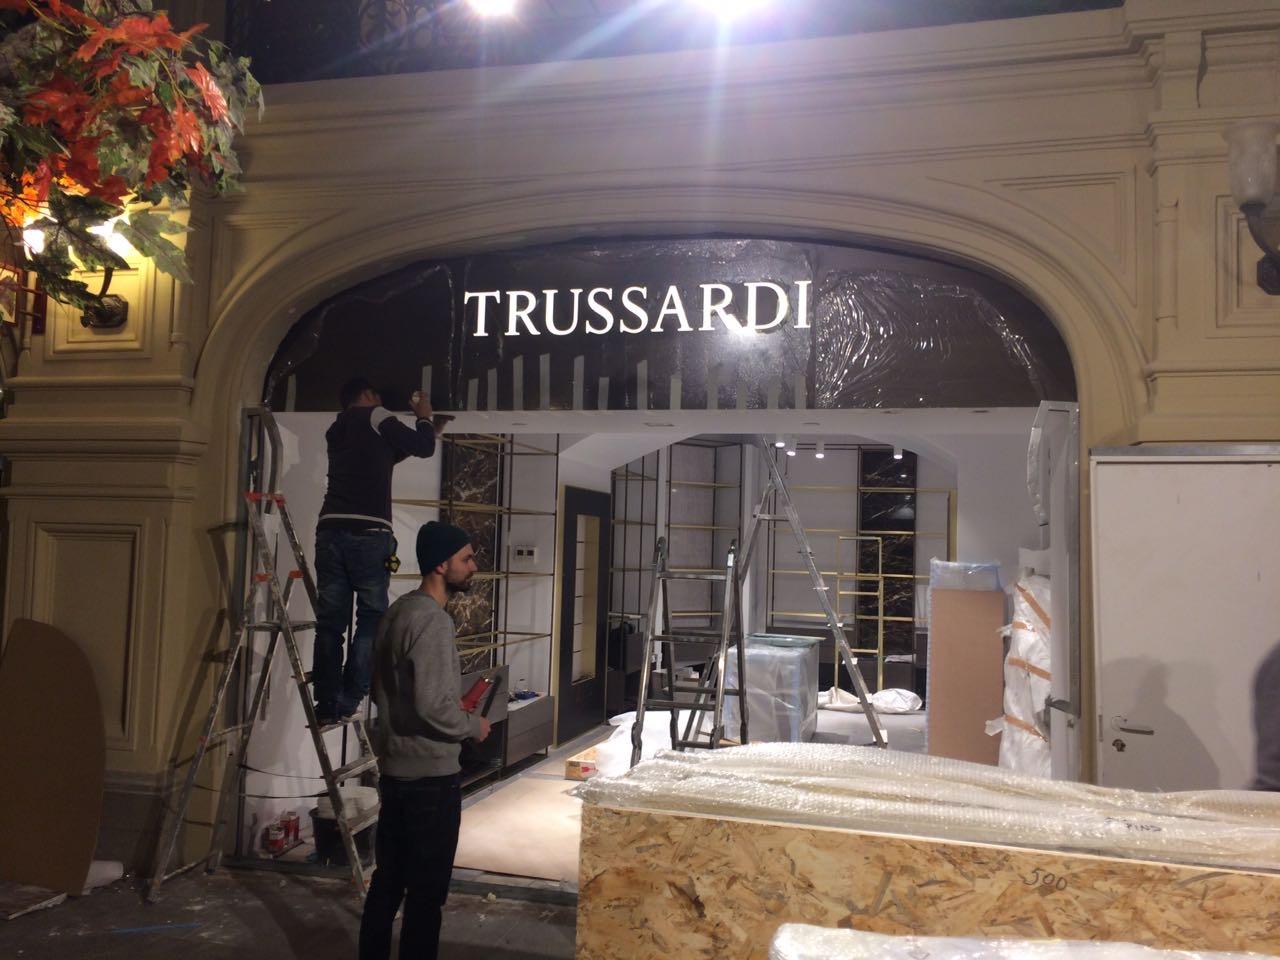 Изготовление вывески TRUSSARDI методом - инкрустация оргстекла на композите